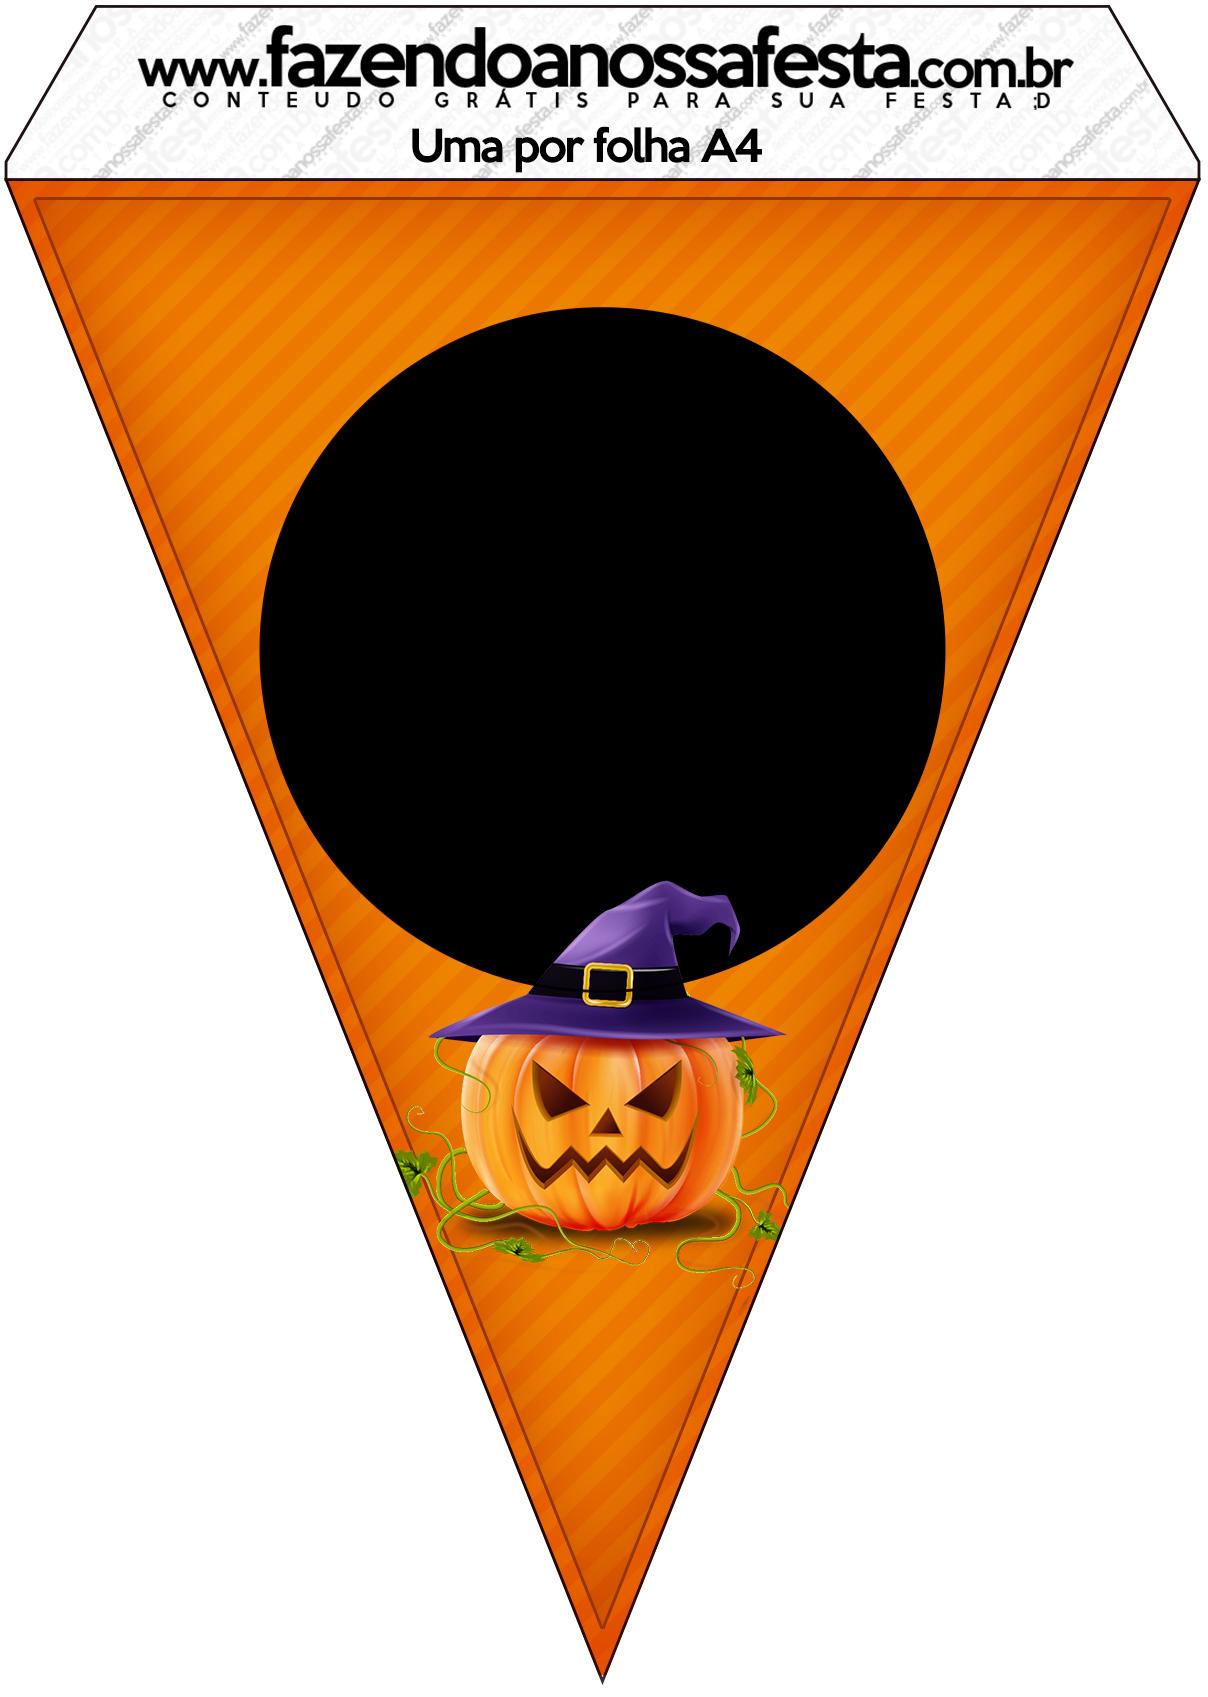 Bandeirinha Varalzinho Halloween Abóbora - Fazendo a Nossa Festa